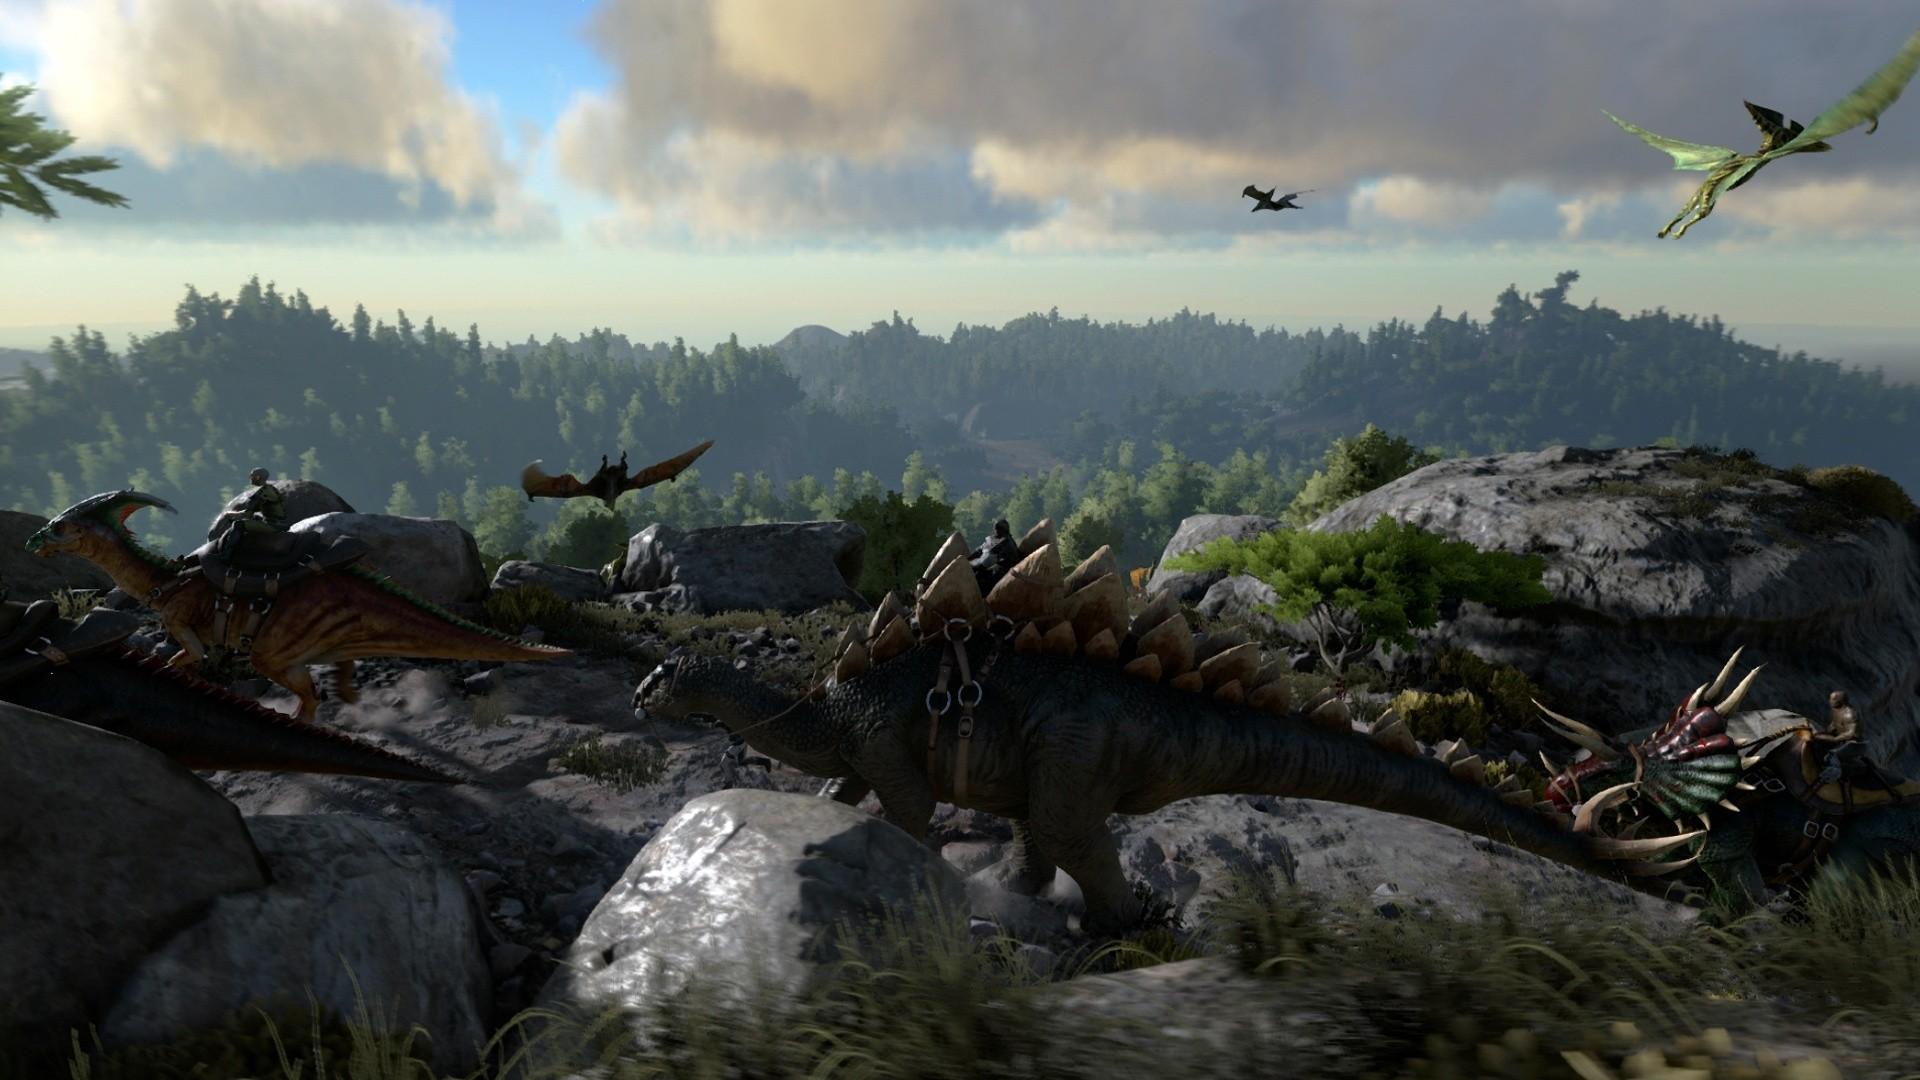 X Ark Survival Evolved Full Hd Wallpaper X